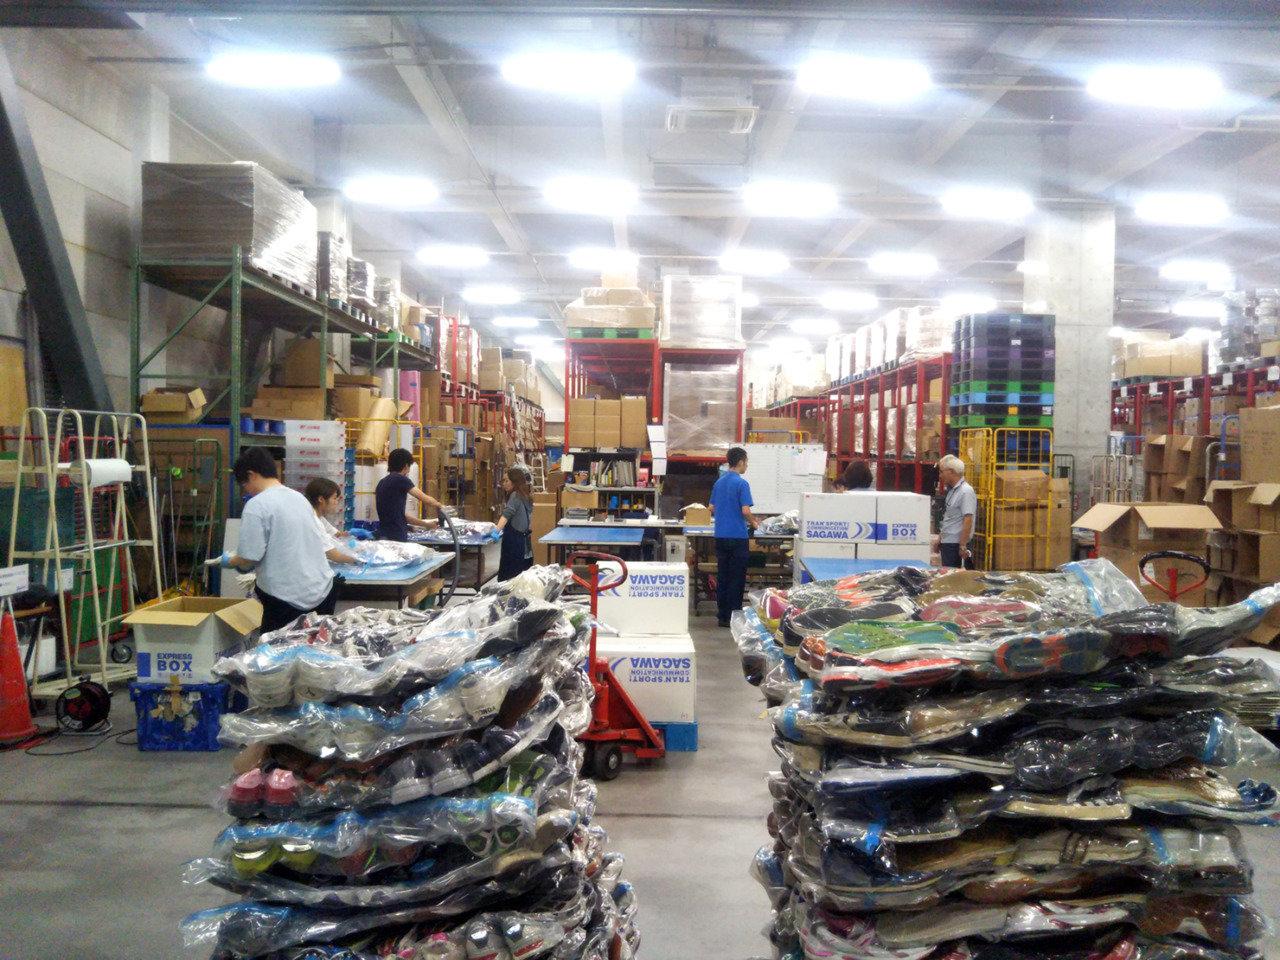 日本全国から集まったシューズは、倉庫でまとめられ、コンテナ船で出航します。